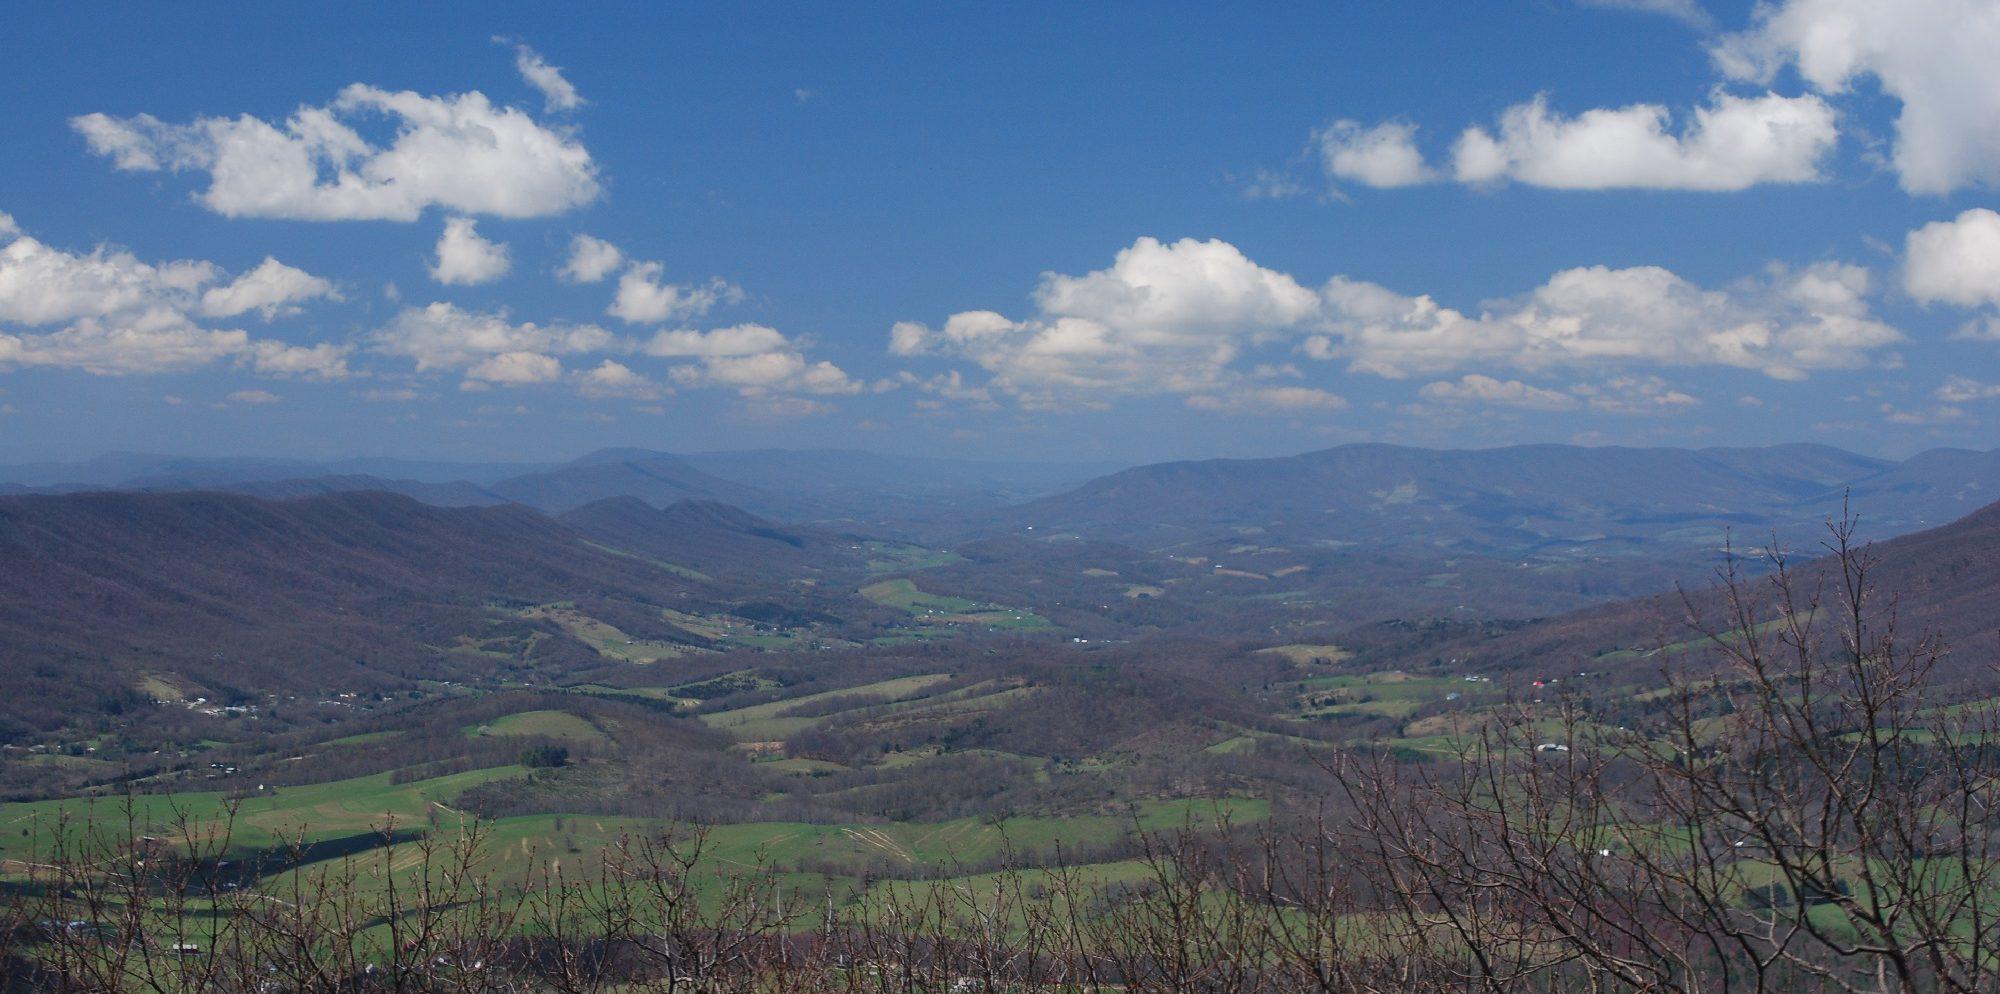 Mapping Appalachia